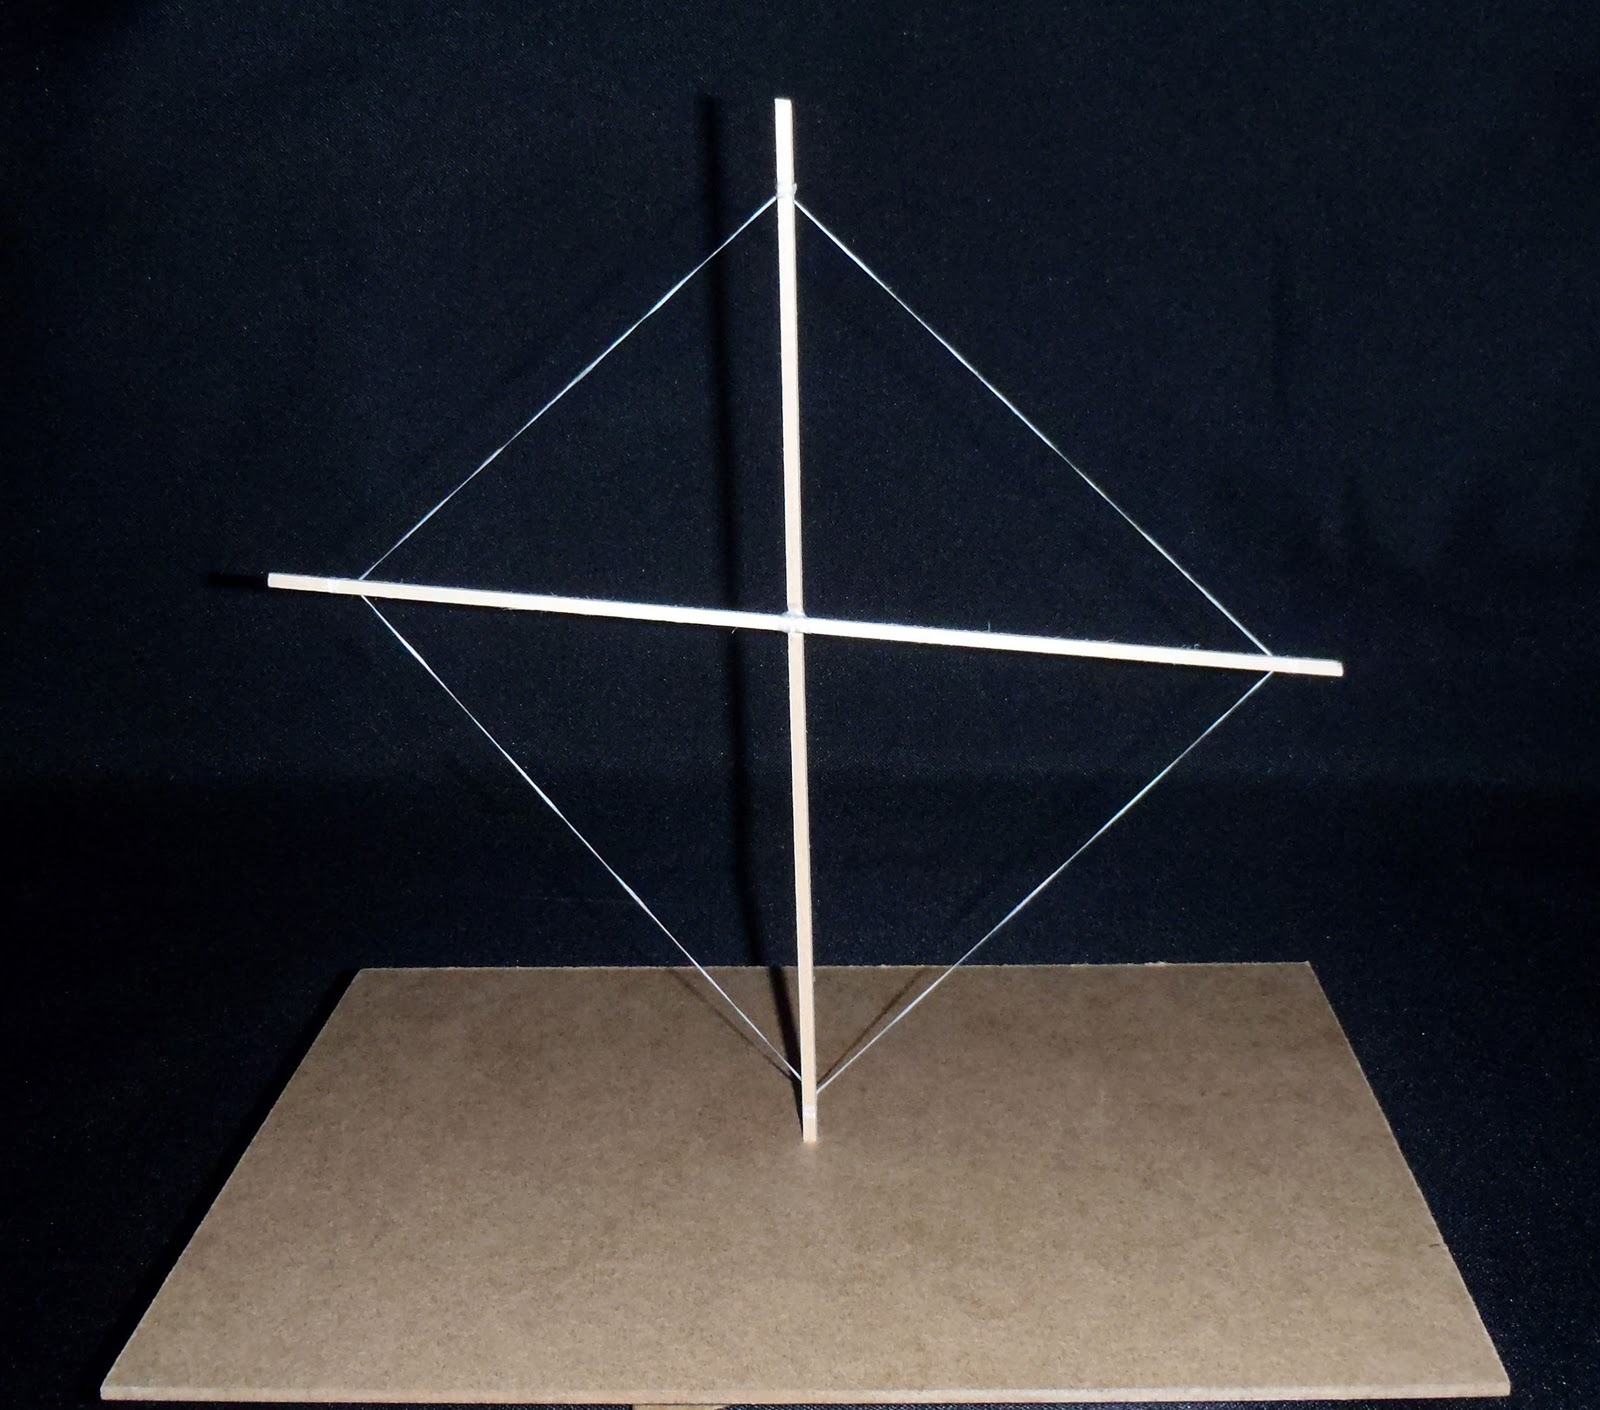 Fillup Leighton Kite Designs